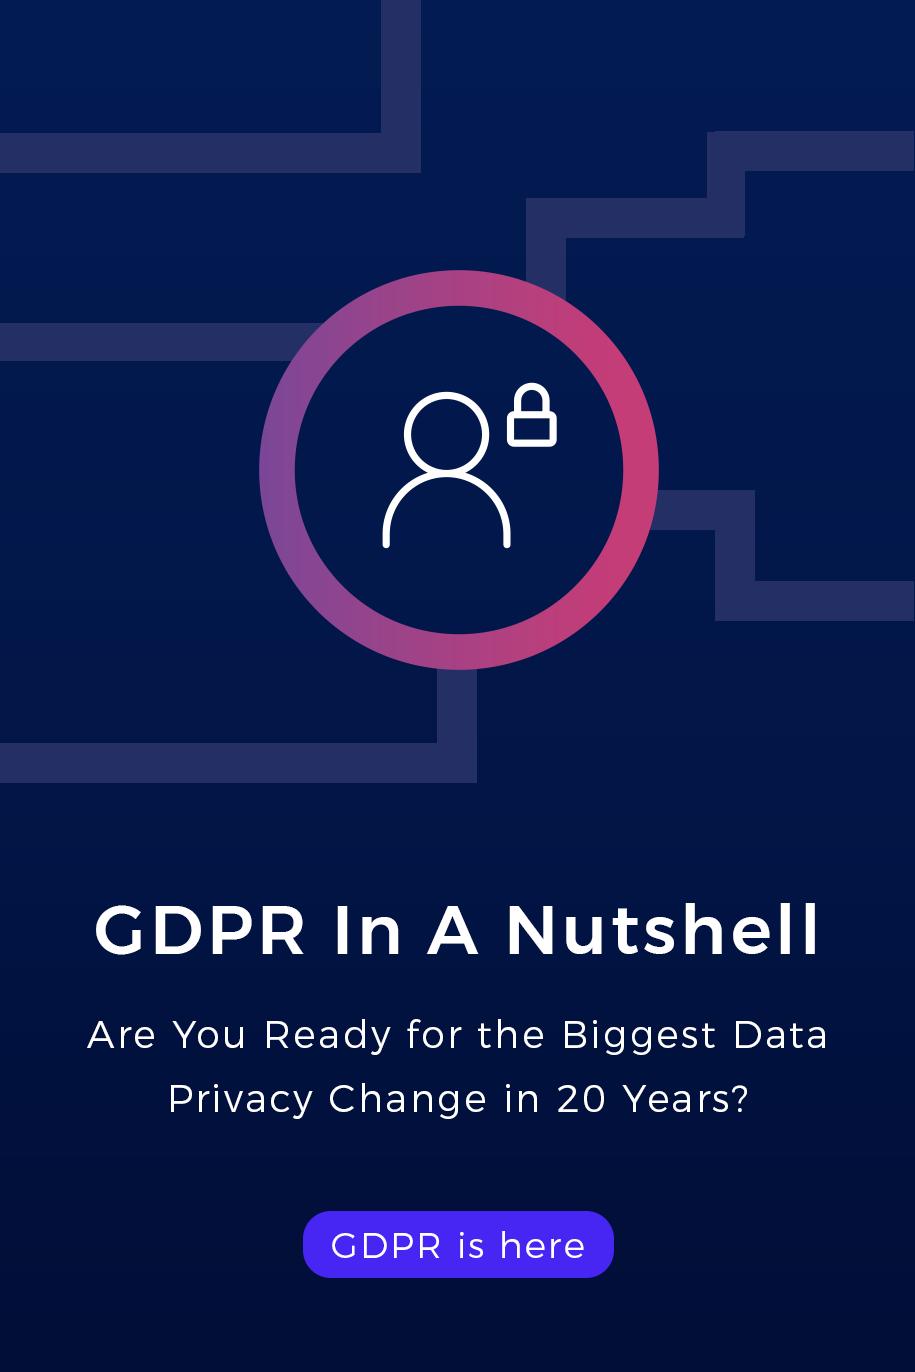 GDPR in a nutshell - ebook cover